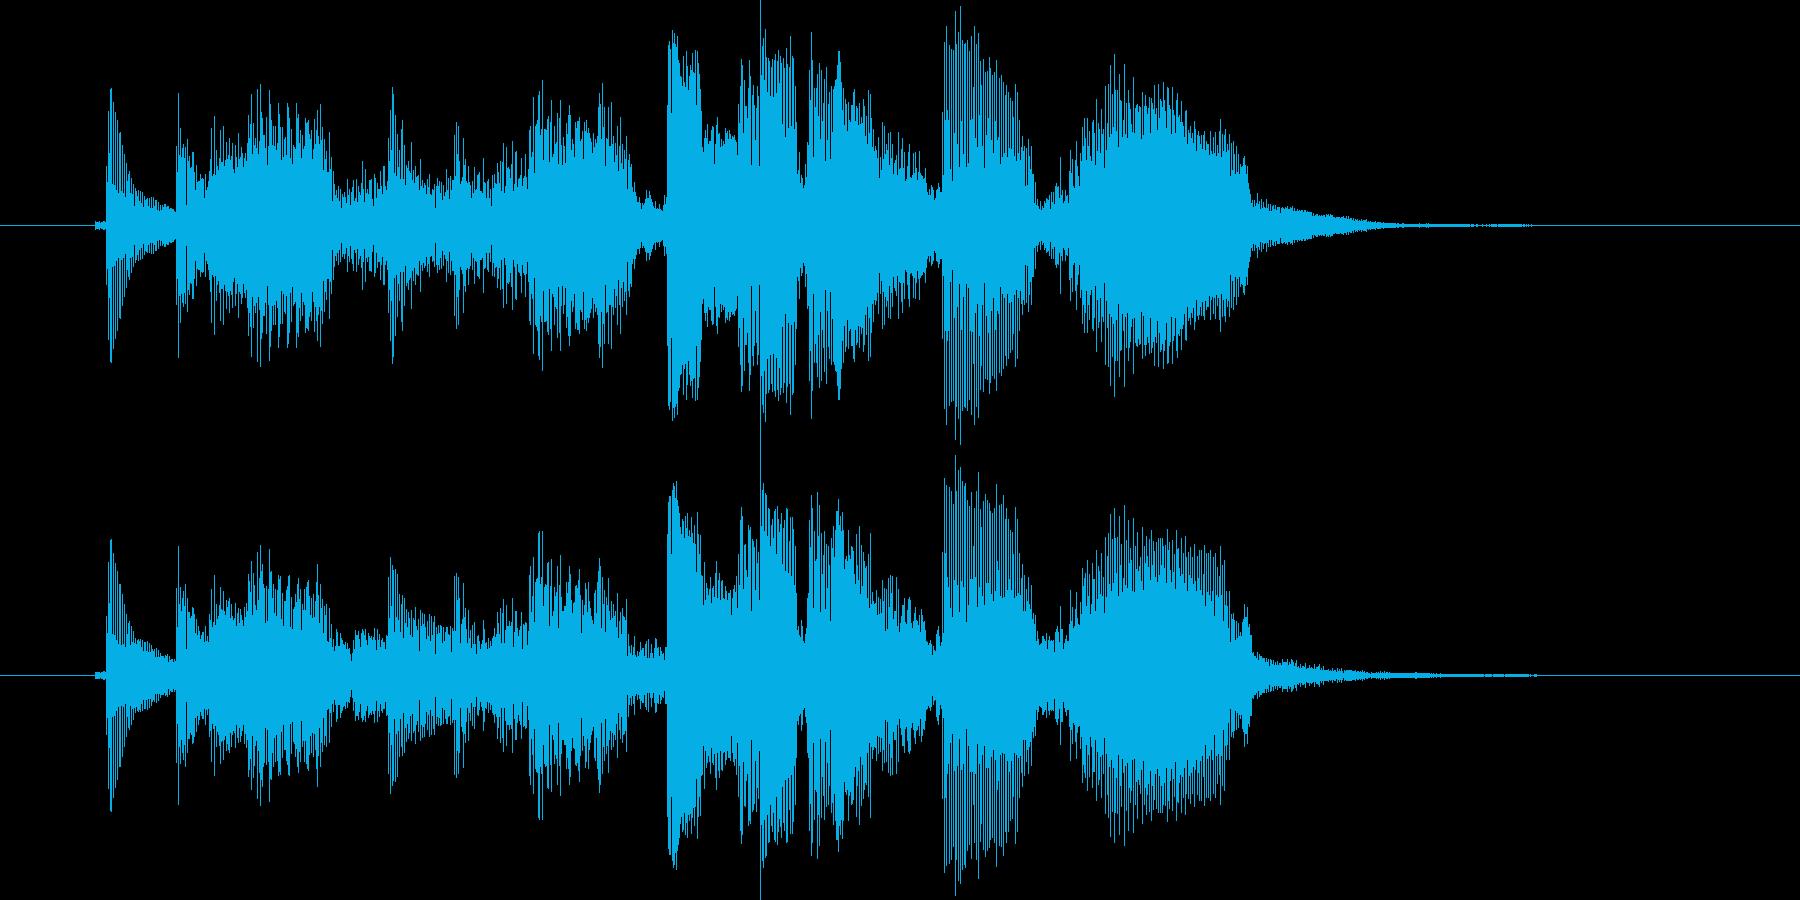 エレキ カントリー切り替え4 ショーの再生済みの波形